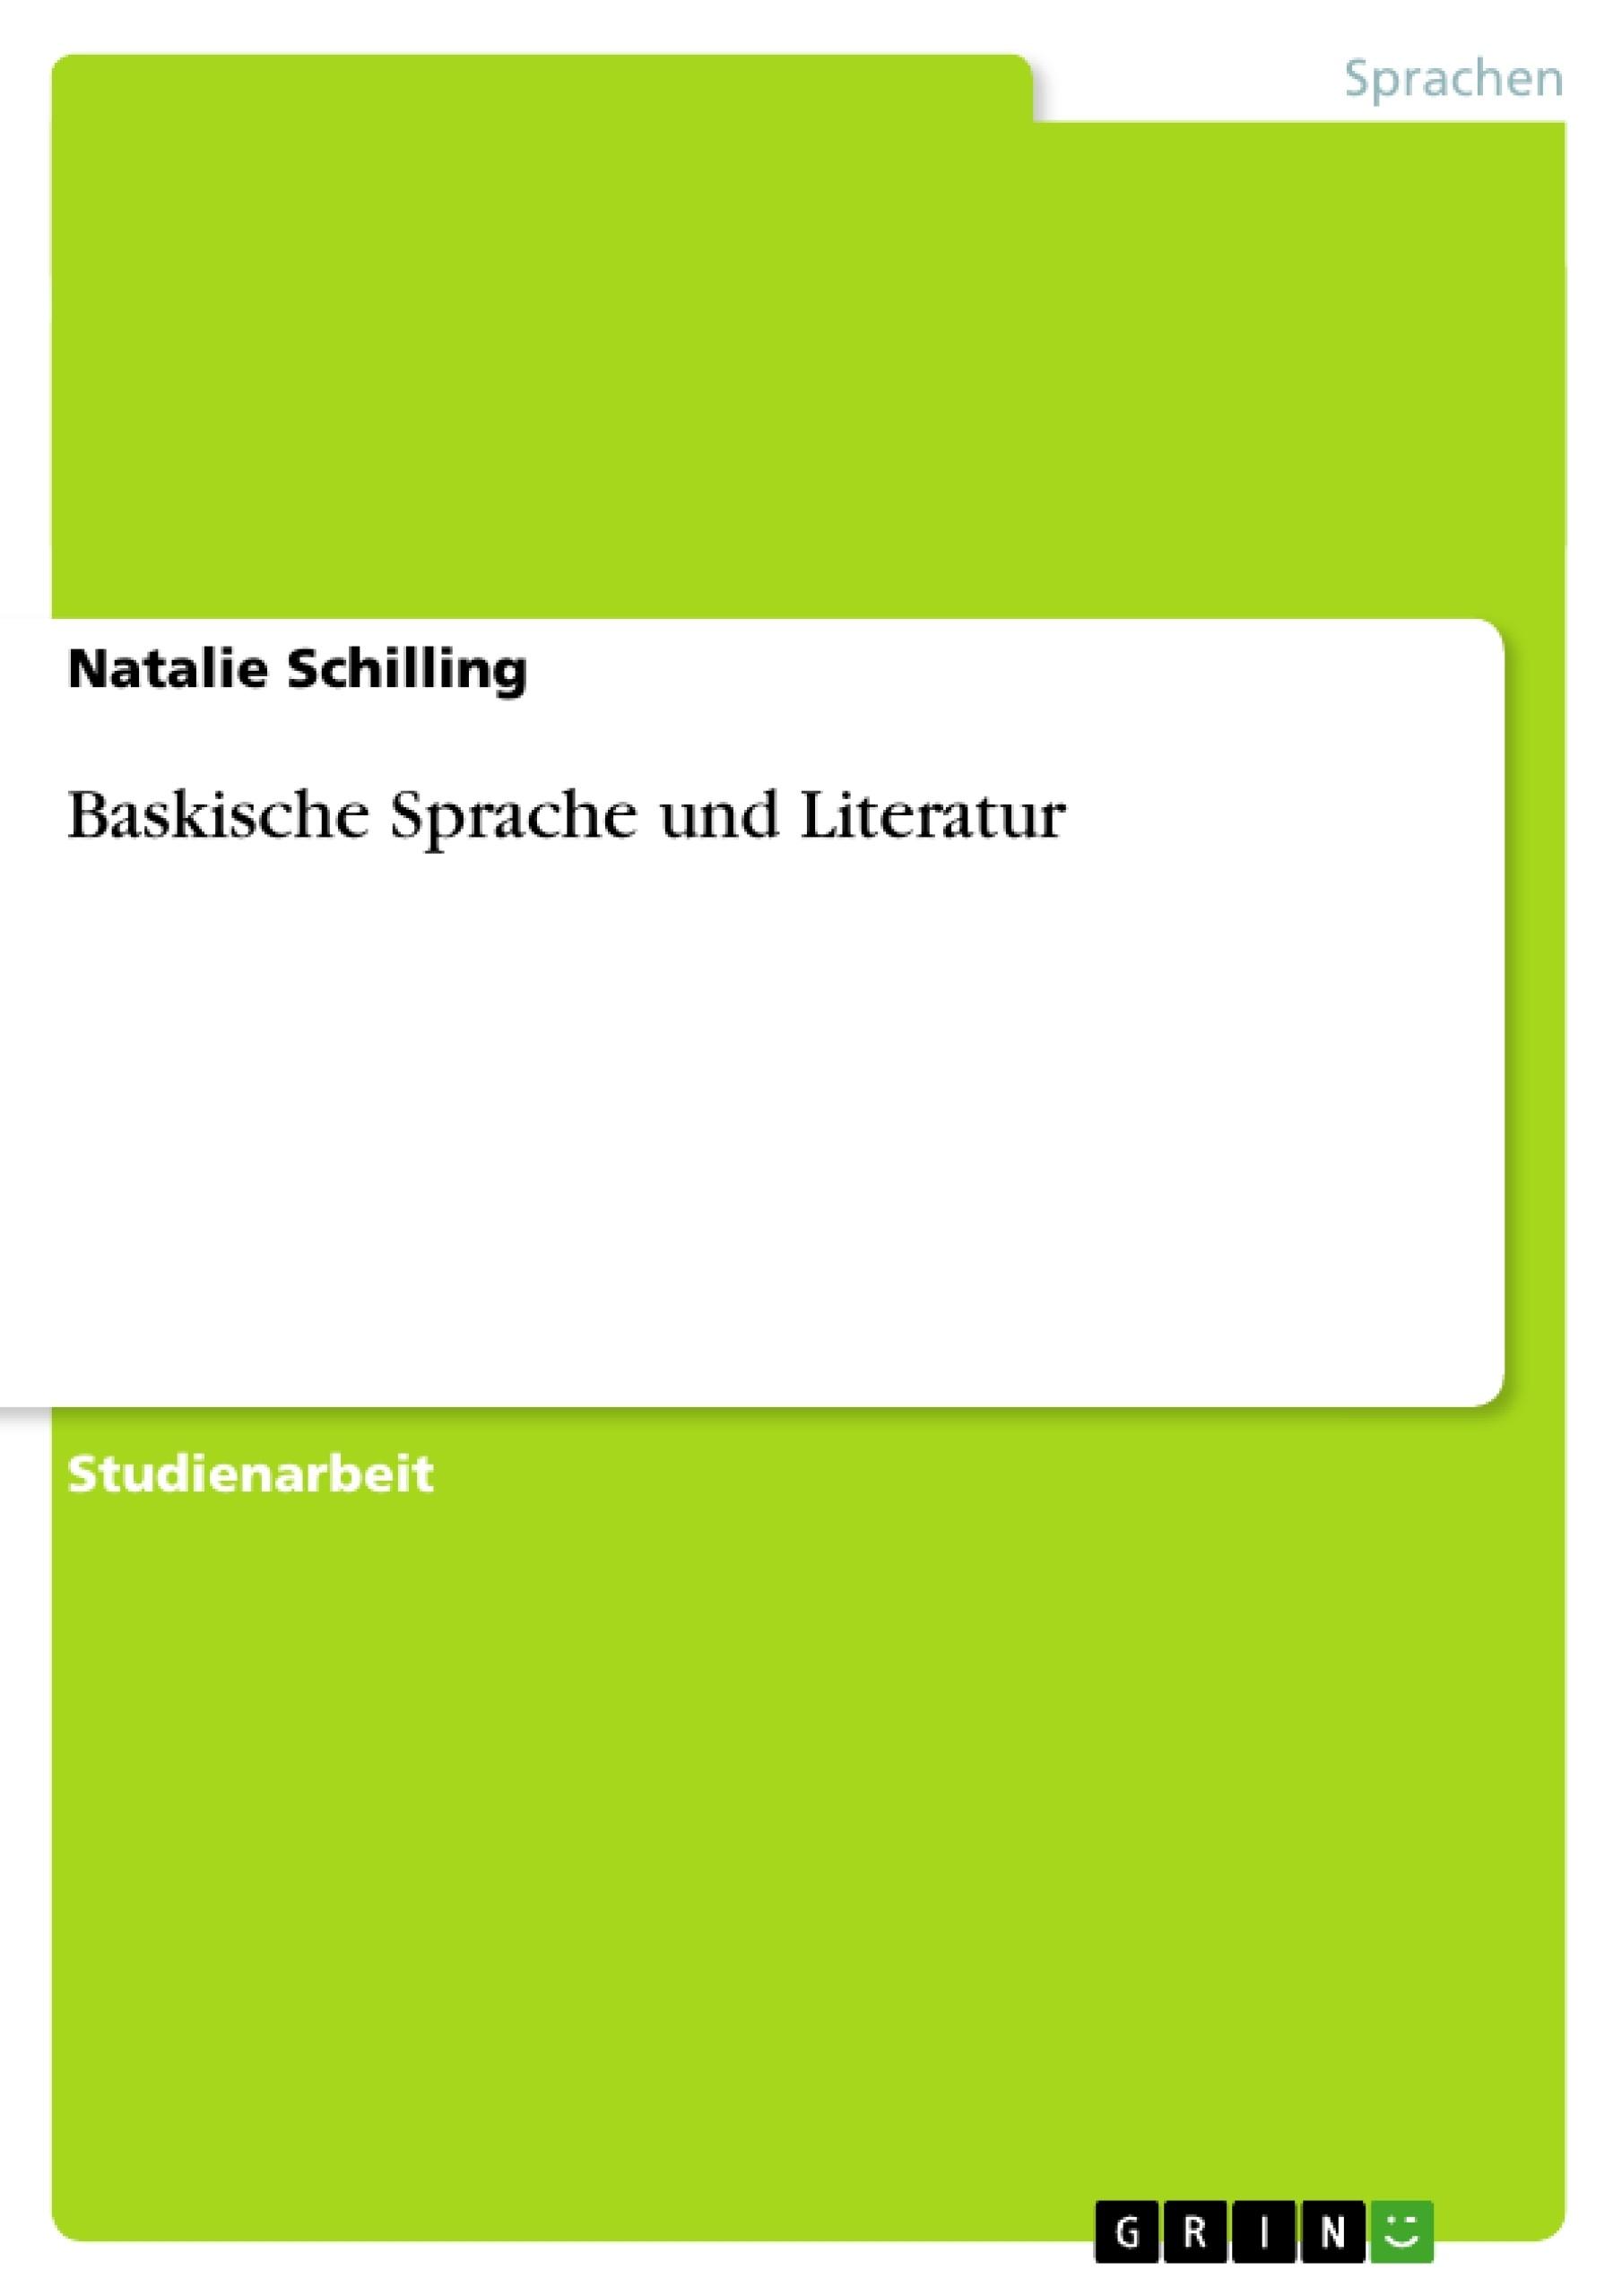 Titel: Baskische Sprache und Literatur